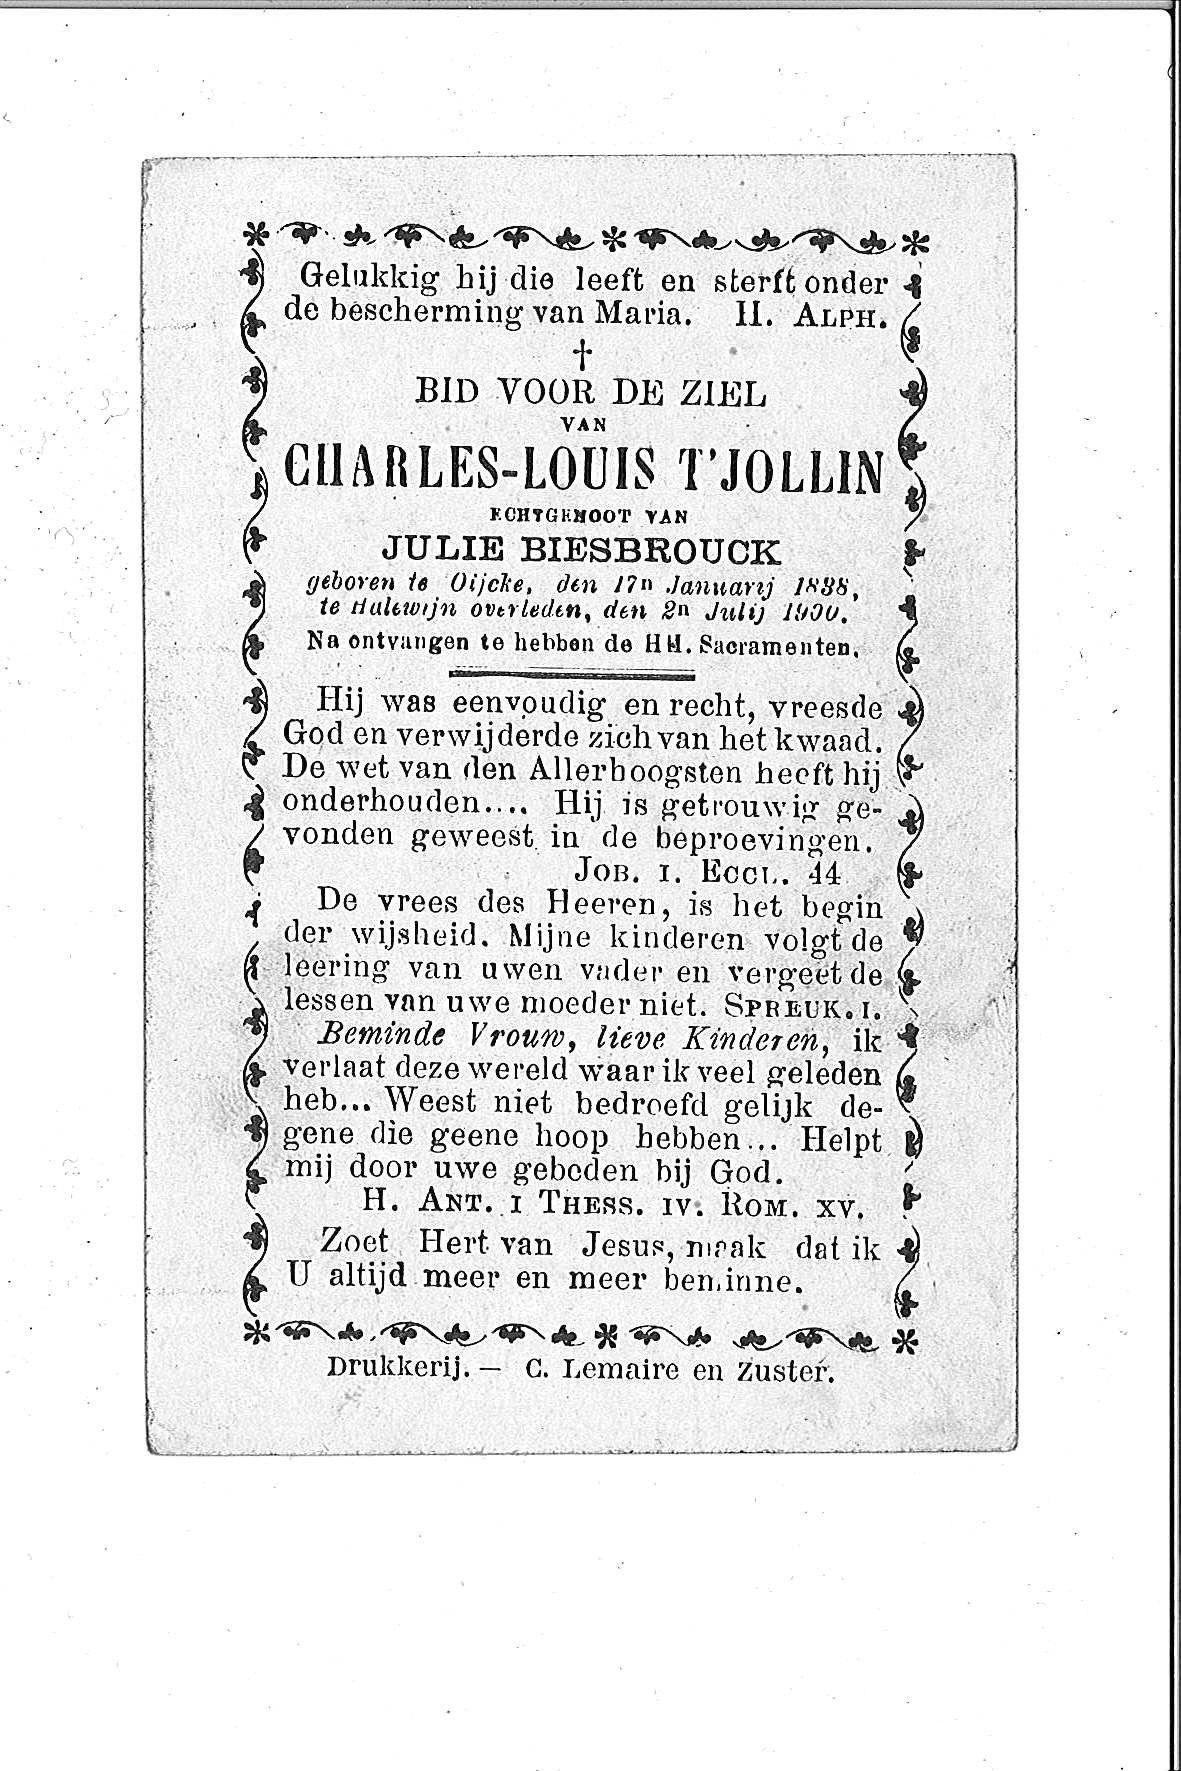 Charles-Louis(1900)20140912103237_00086.jpg